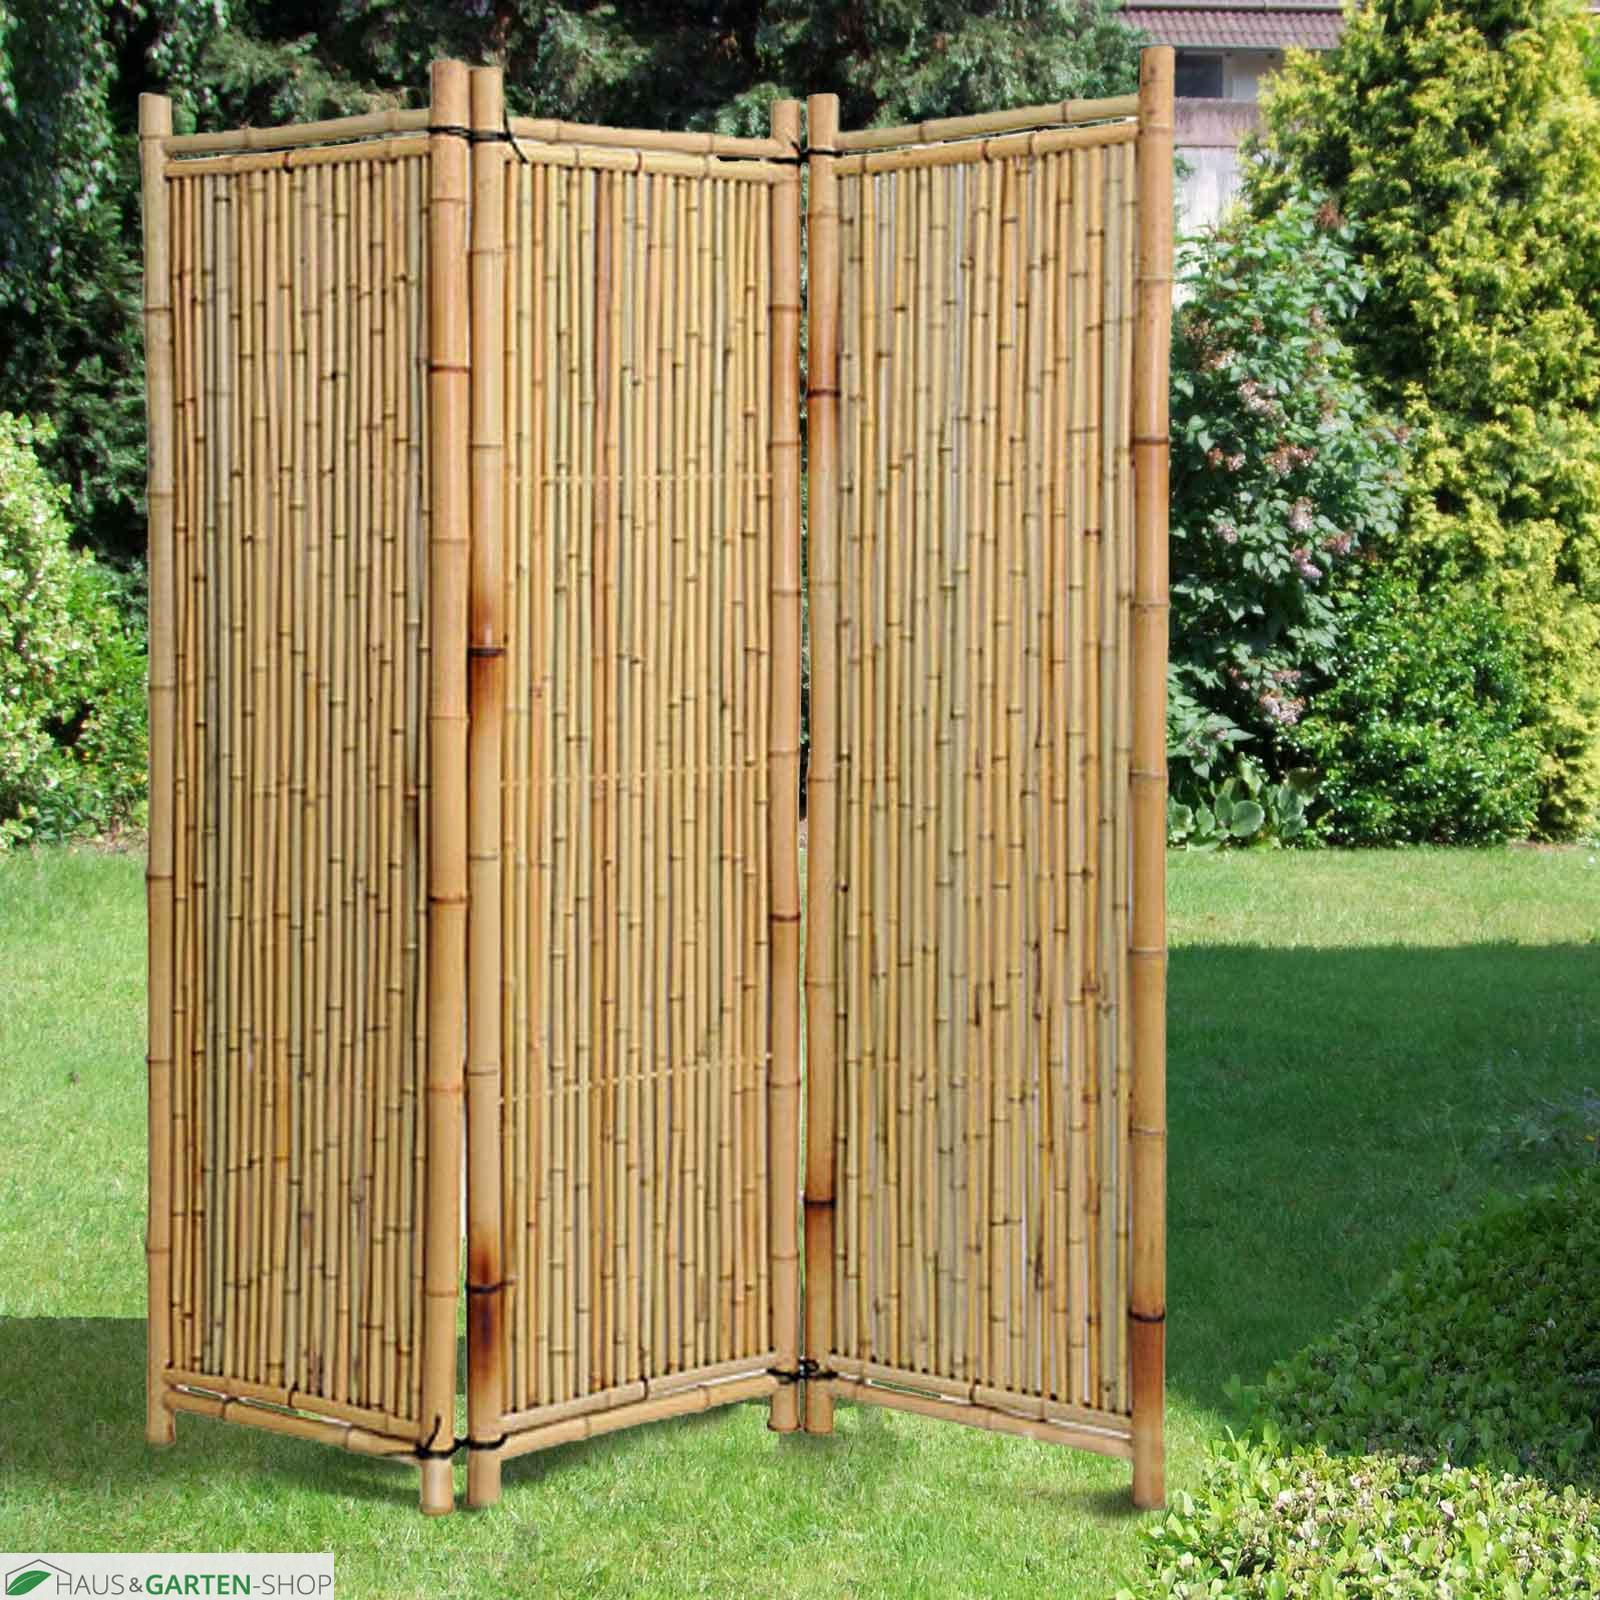 Full Size of Paravent Bambus Balkon Bambusparavent Deluxe Natur Ein Natrlicher Sichtschutz Garten Bett Wohnzimmer Paravent Bambus Balkon